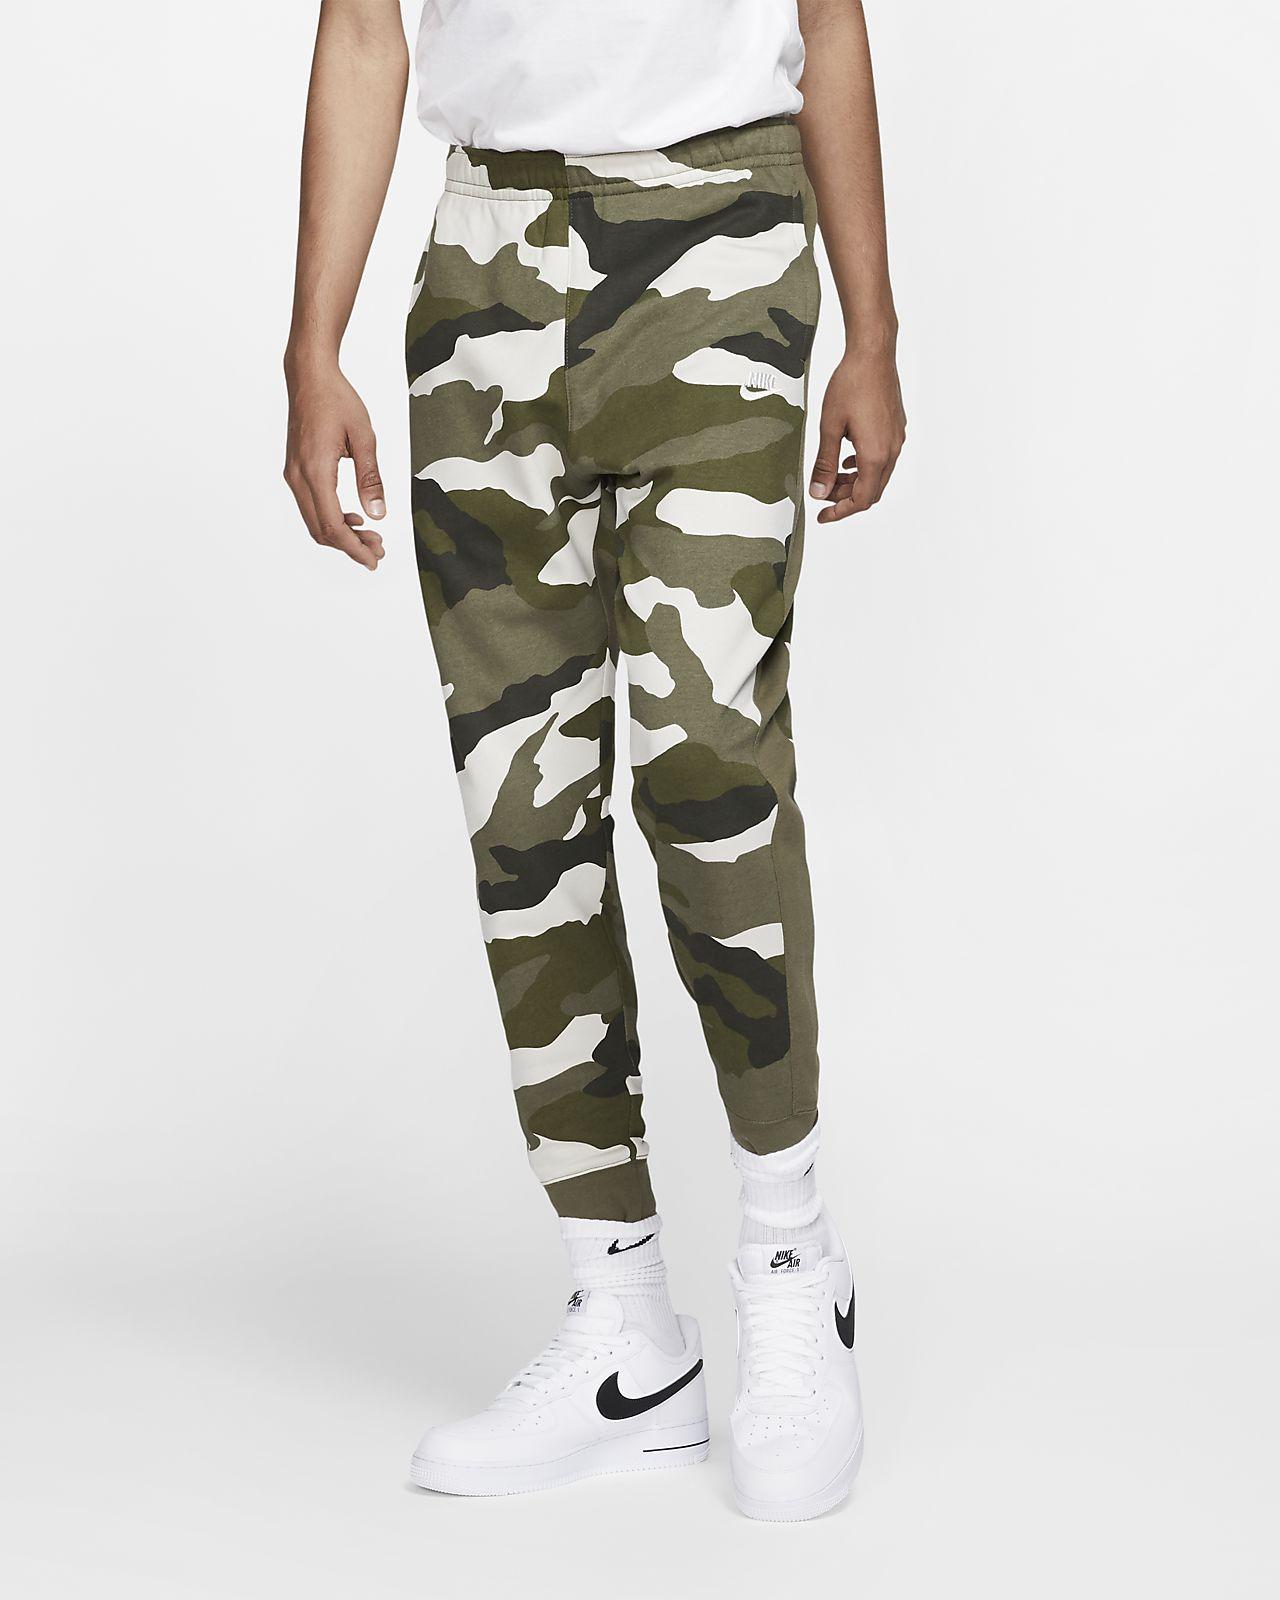 Мужские джоггеры из ткани френч терри с камуфляжным принтом Nike Sportswear Club